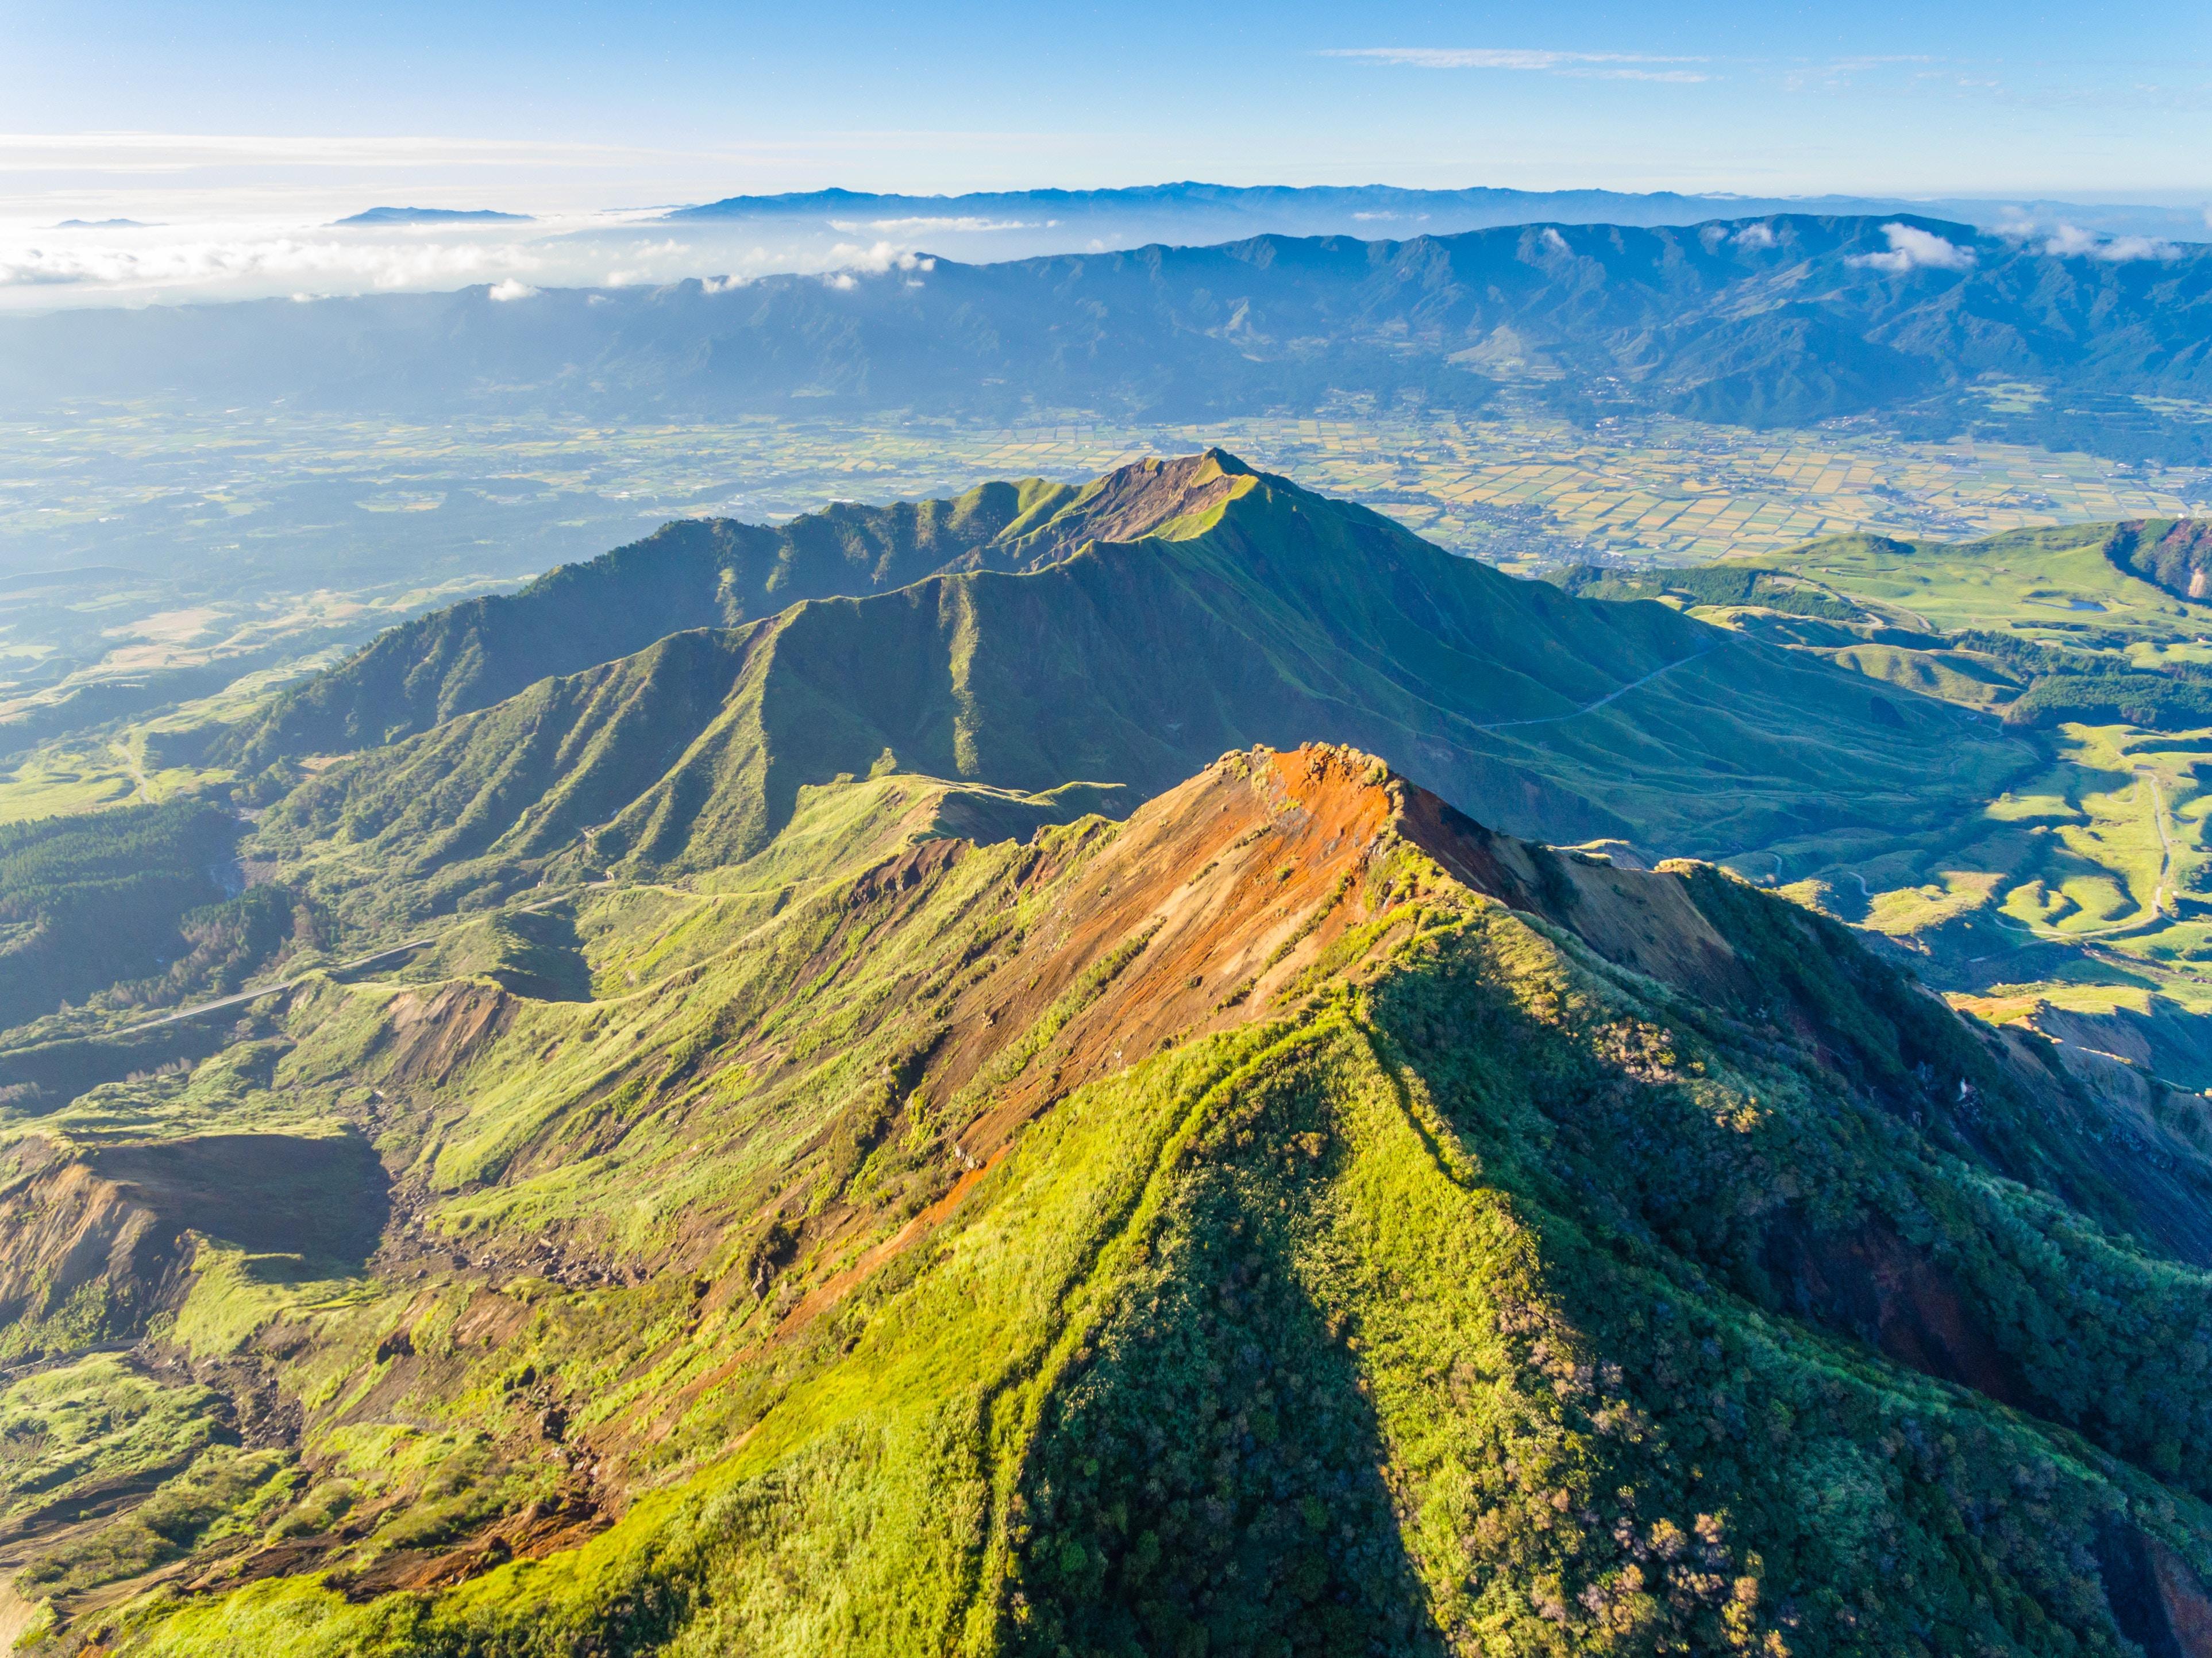 蓬莱山の登山ルートを紹介!絶景スポットへはロープウェイもおすすめ